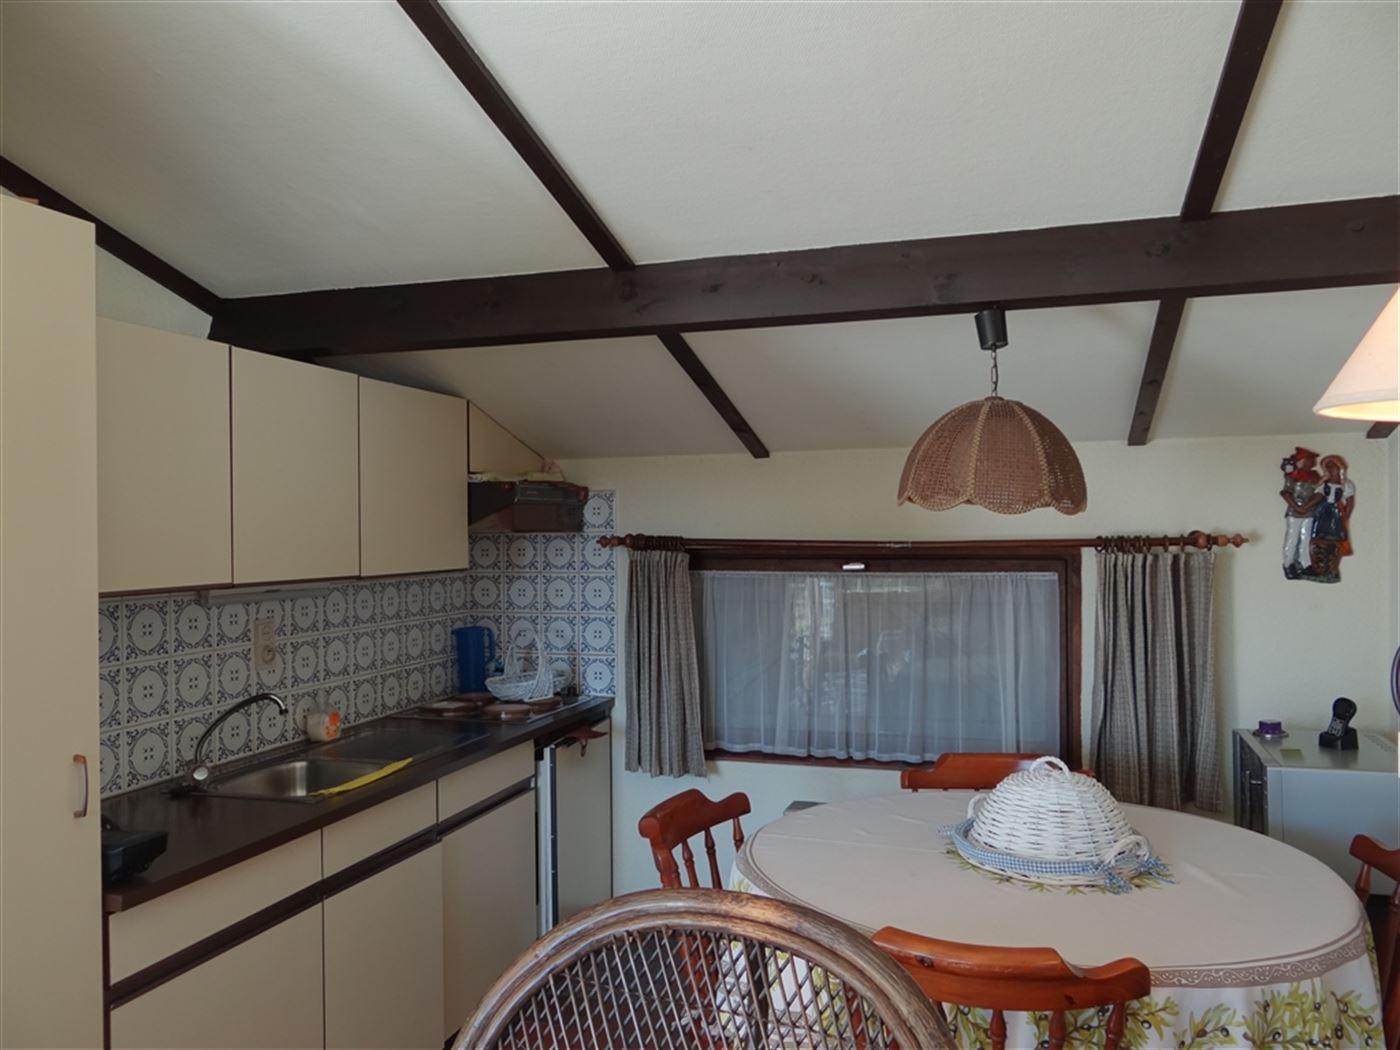 Domein Groendijk 271 - Gezellig vakantiehuis met twee slaapkamers met open zicht - Gelegen op vakantiedomein Groendijk, op wandelafstand van het tropi...